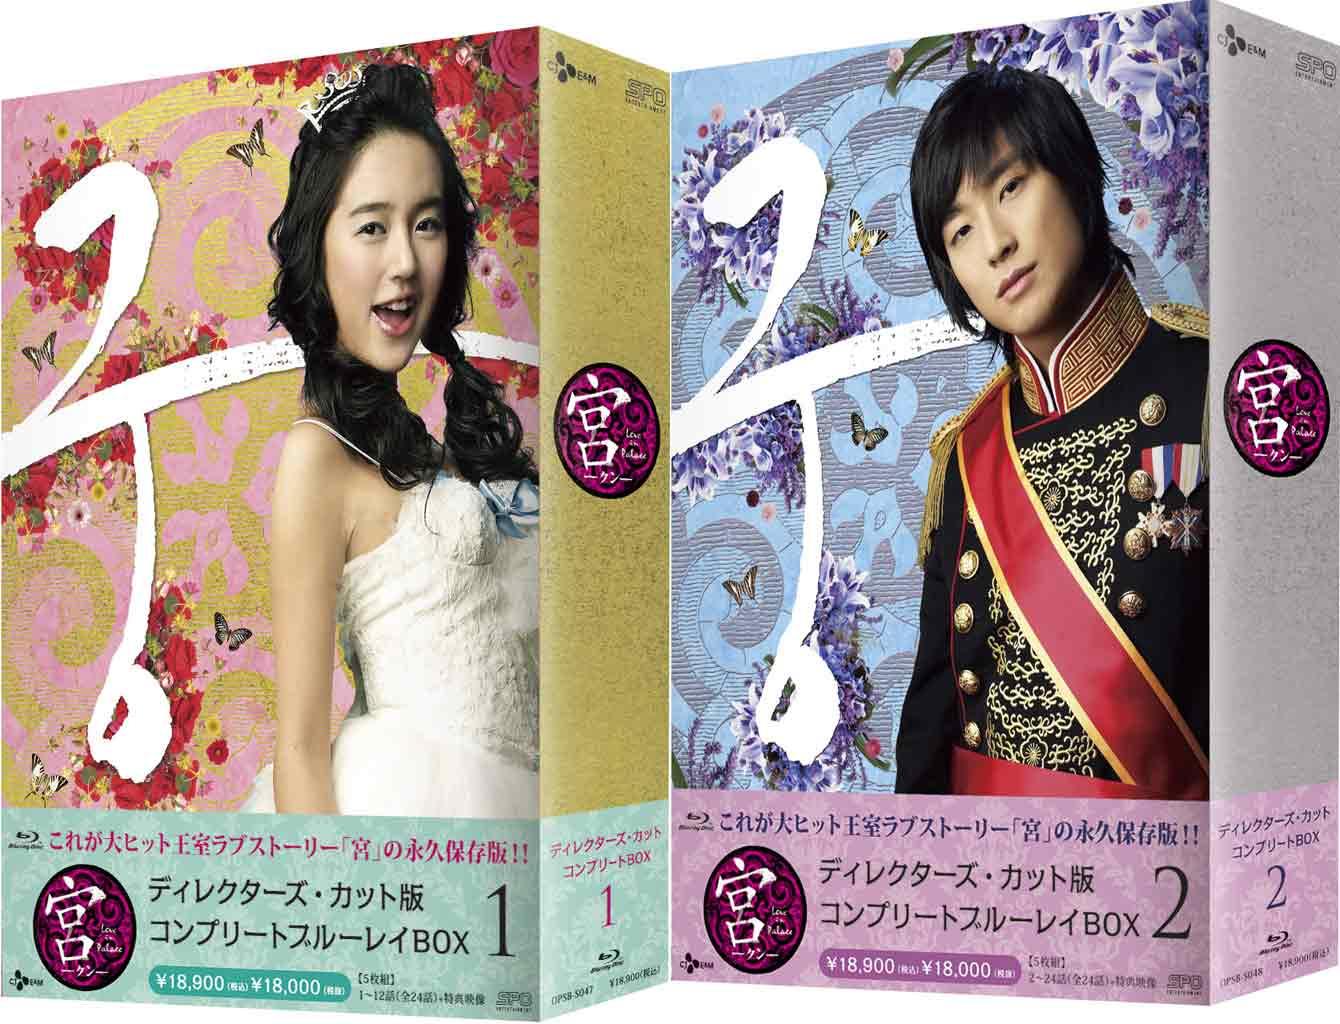 宮〜Love in Palace ディレクターズ・カット版 コンプリートブルーレイBOX1…...:cena2:10001251